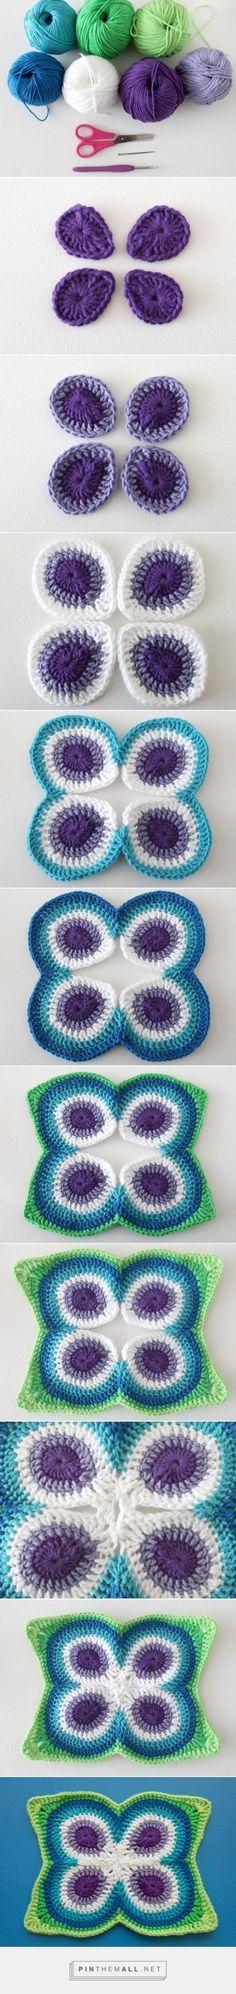 Crochet Butterfly Peacock Mandala Free Pattern